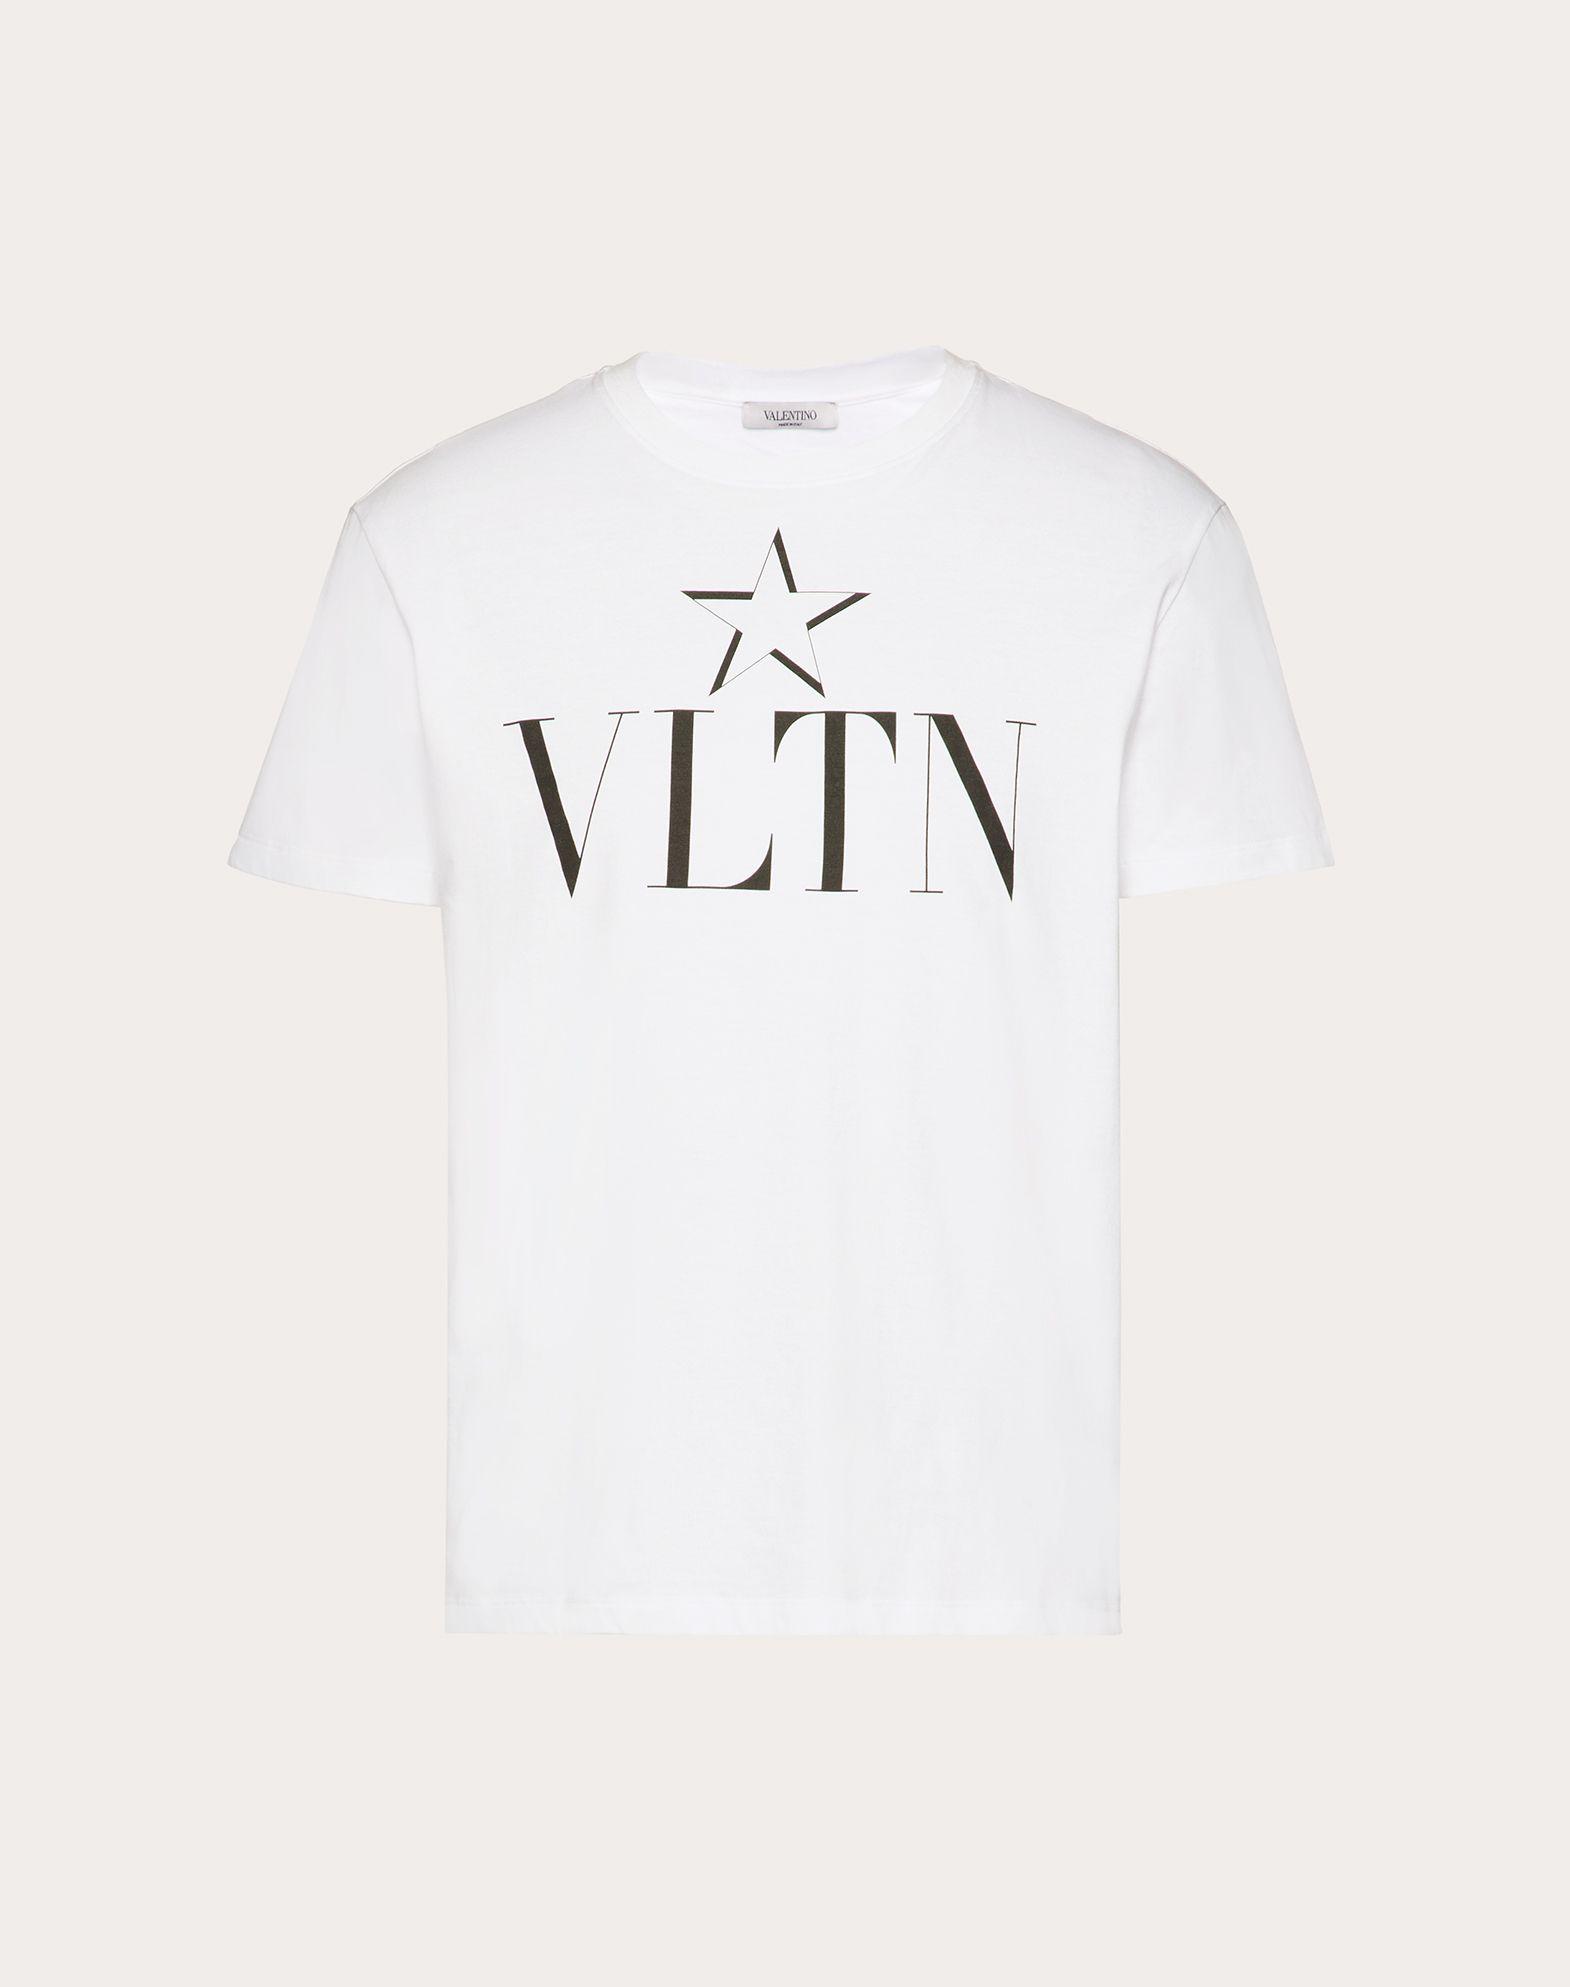 VLTNSTAR T-SHIRT